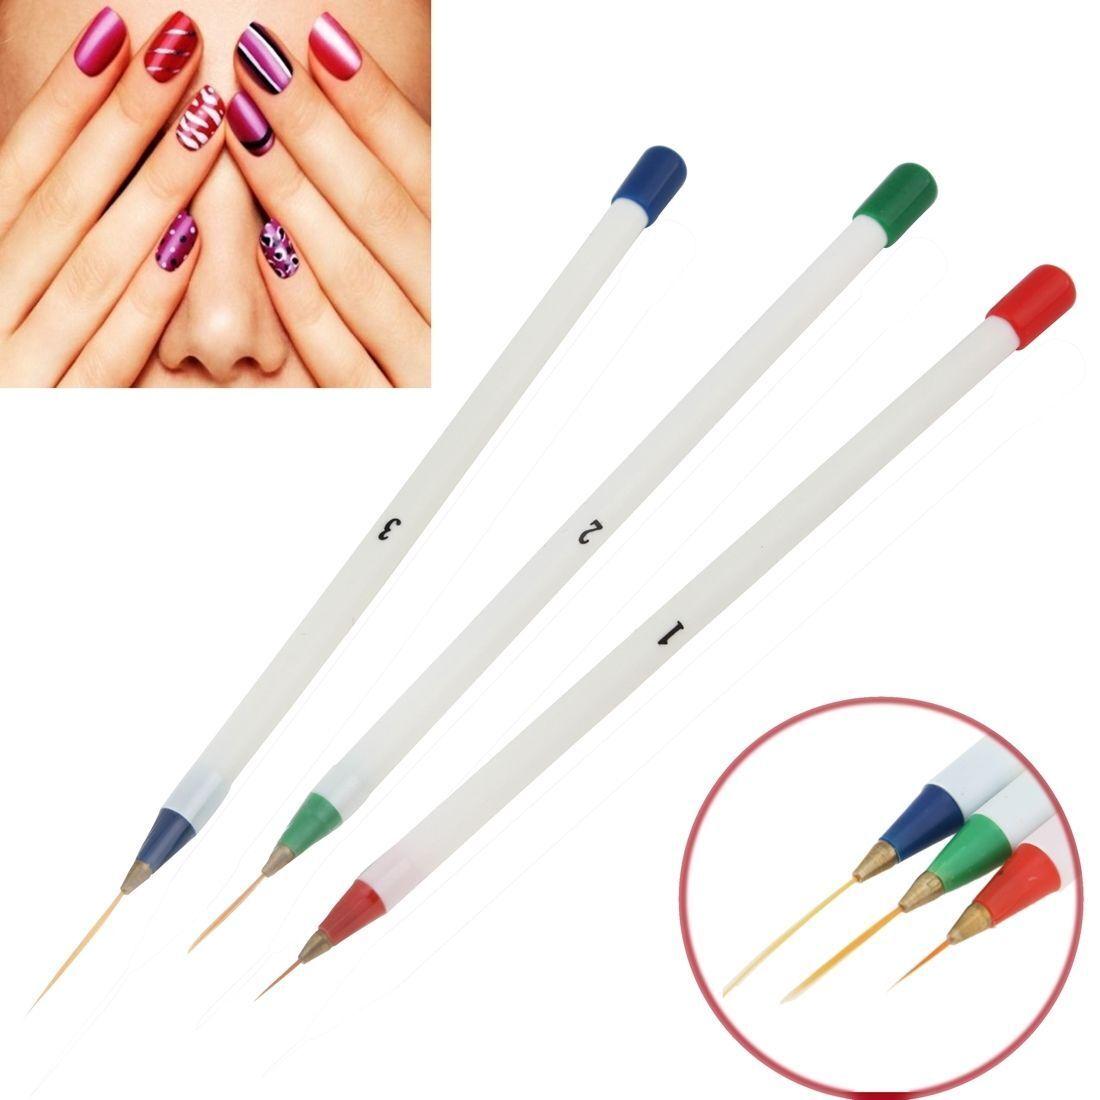 Кисточки для рисунков на ногтях фото